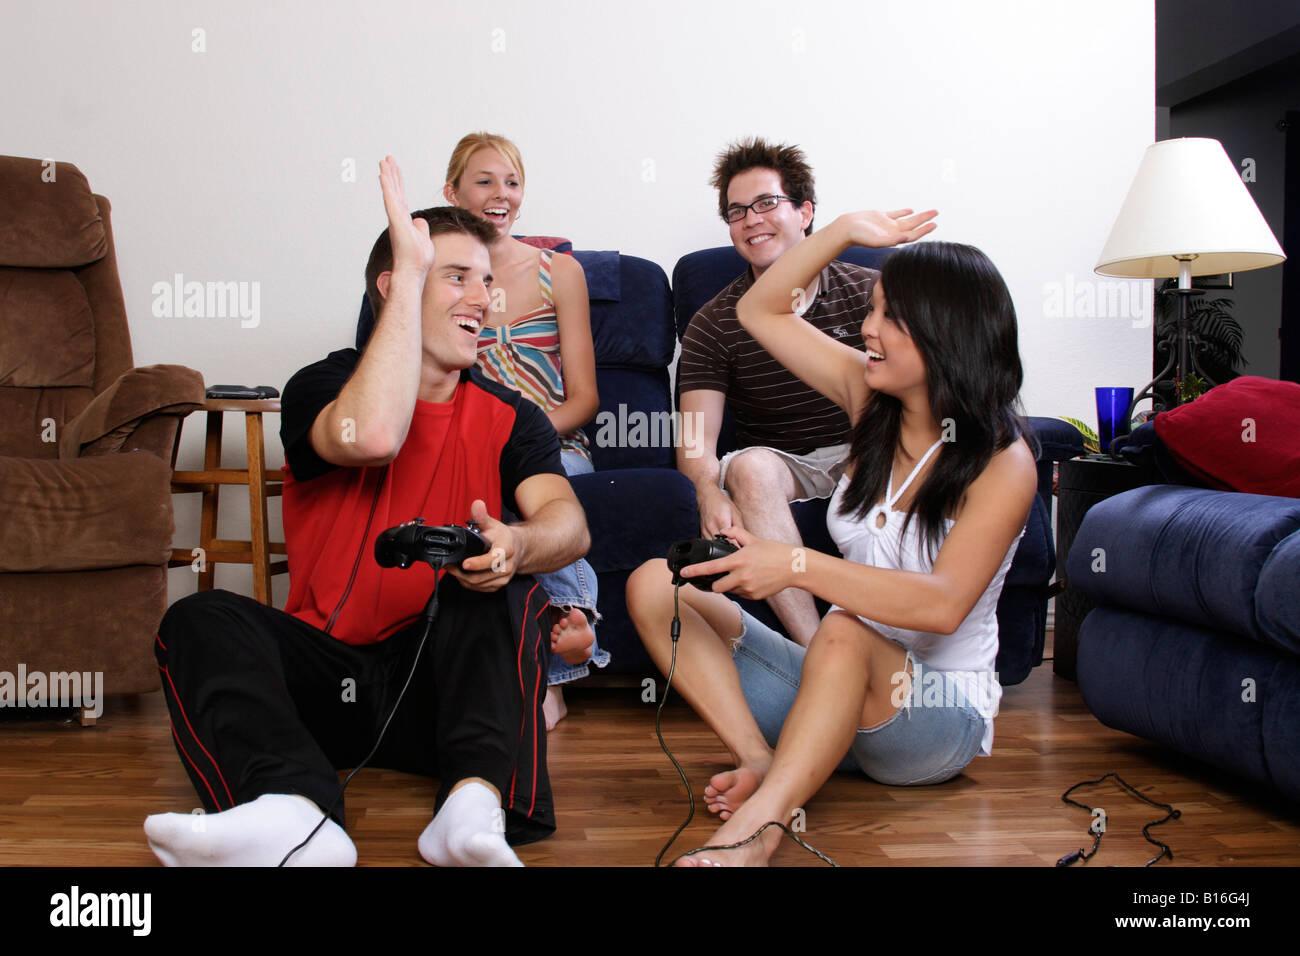 Photographie de quatre adolescents s'amusant à jouer aux jeux vidéo Photo Stock